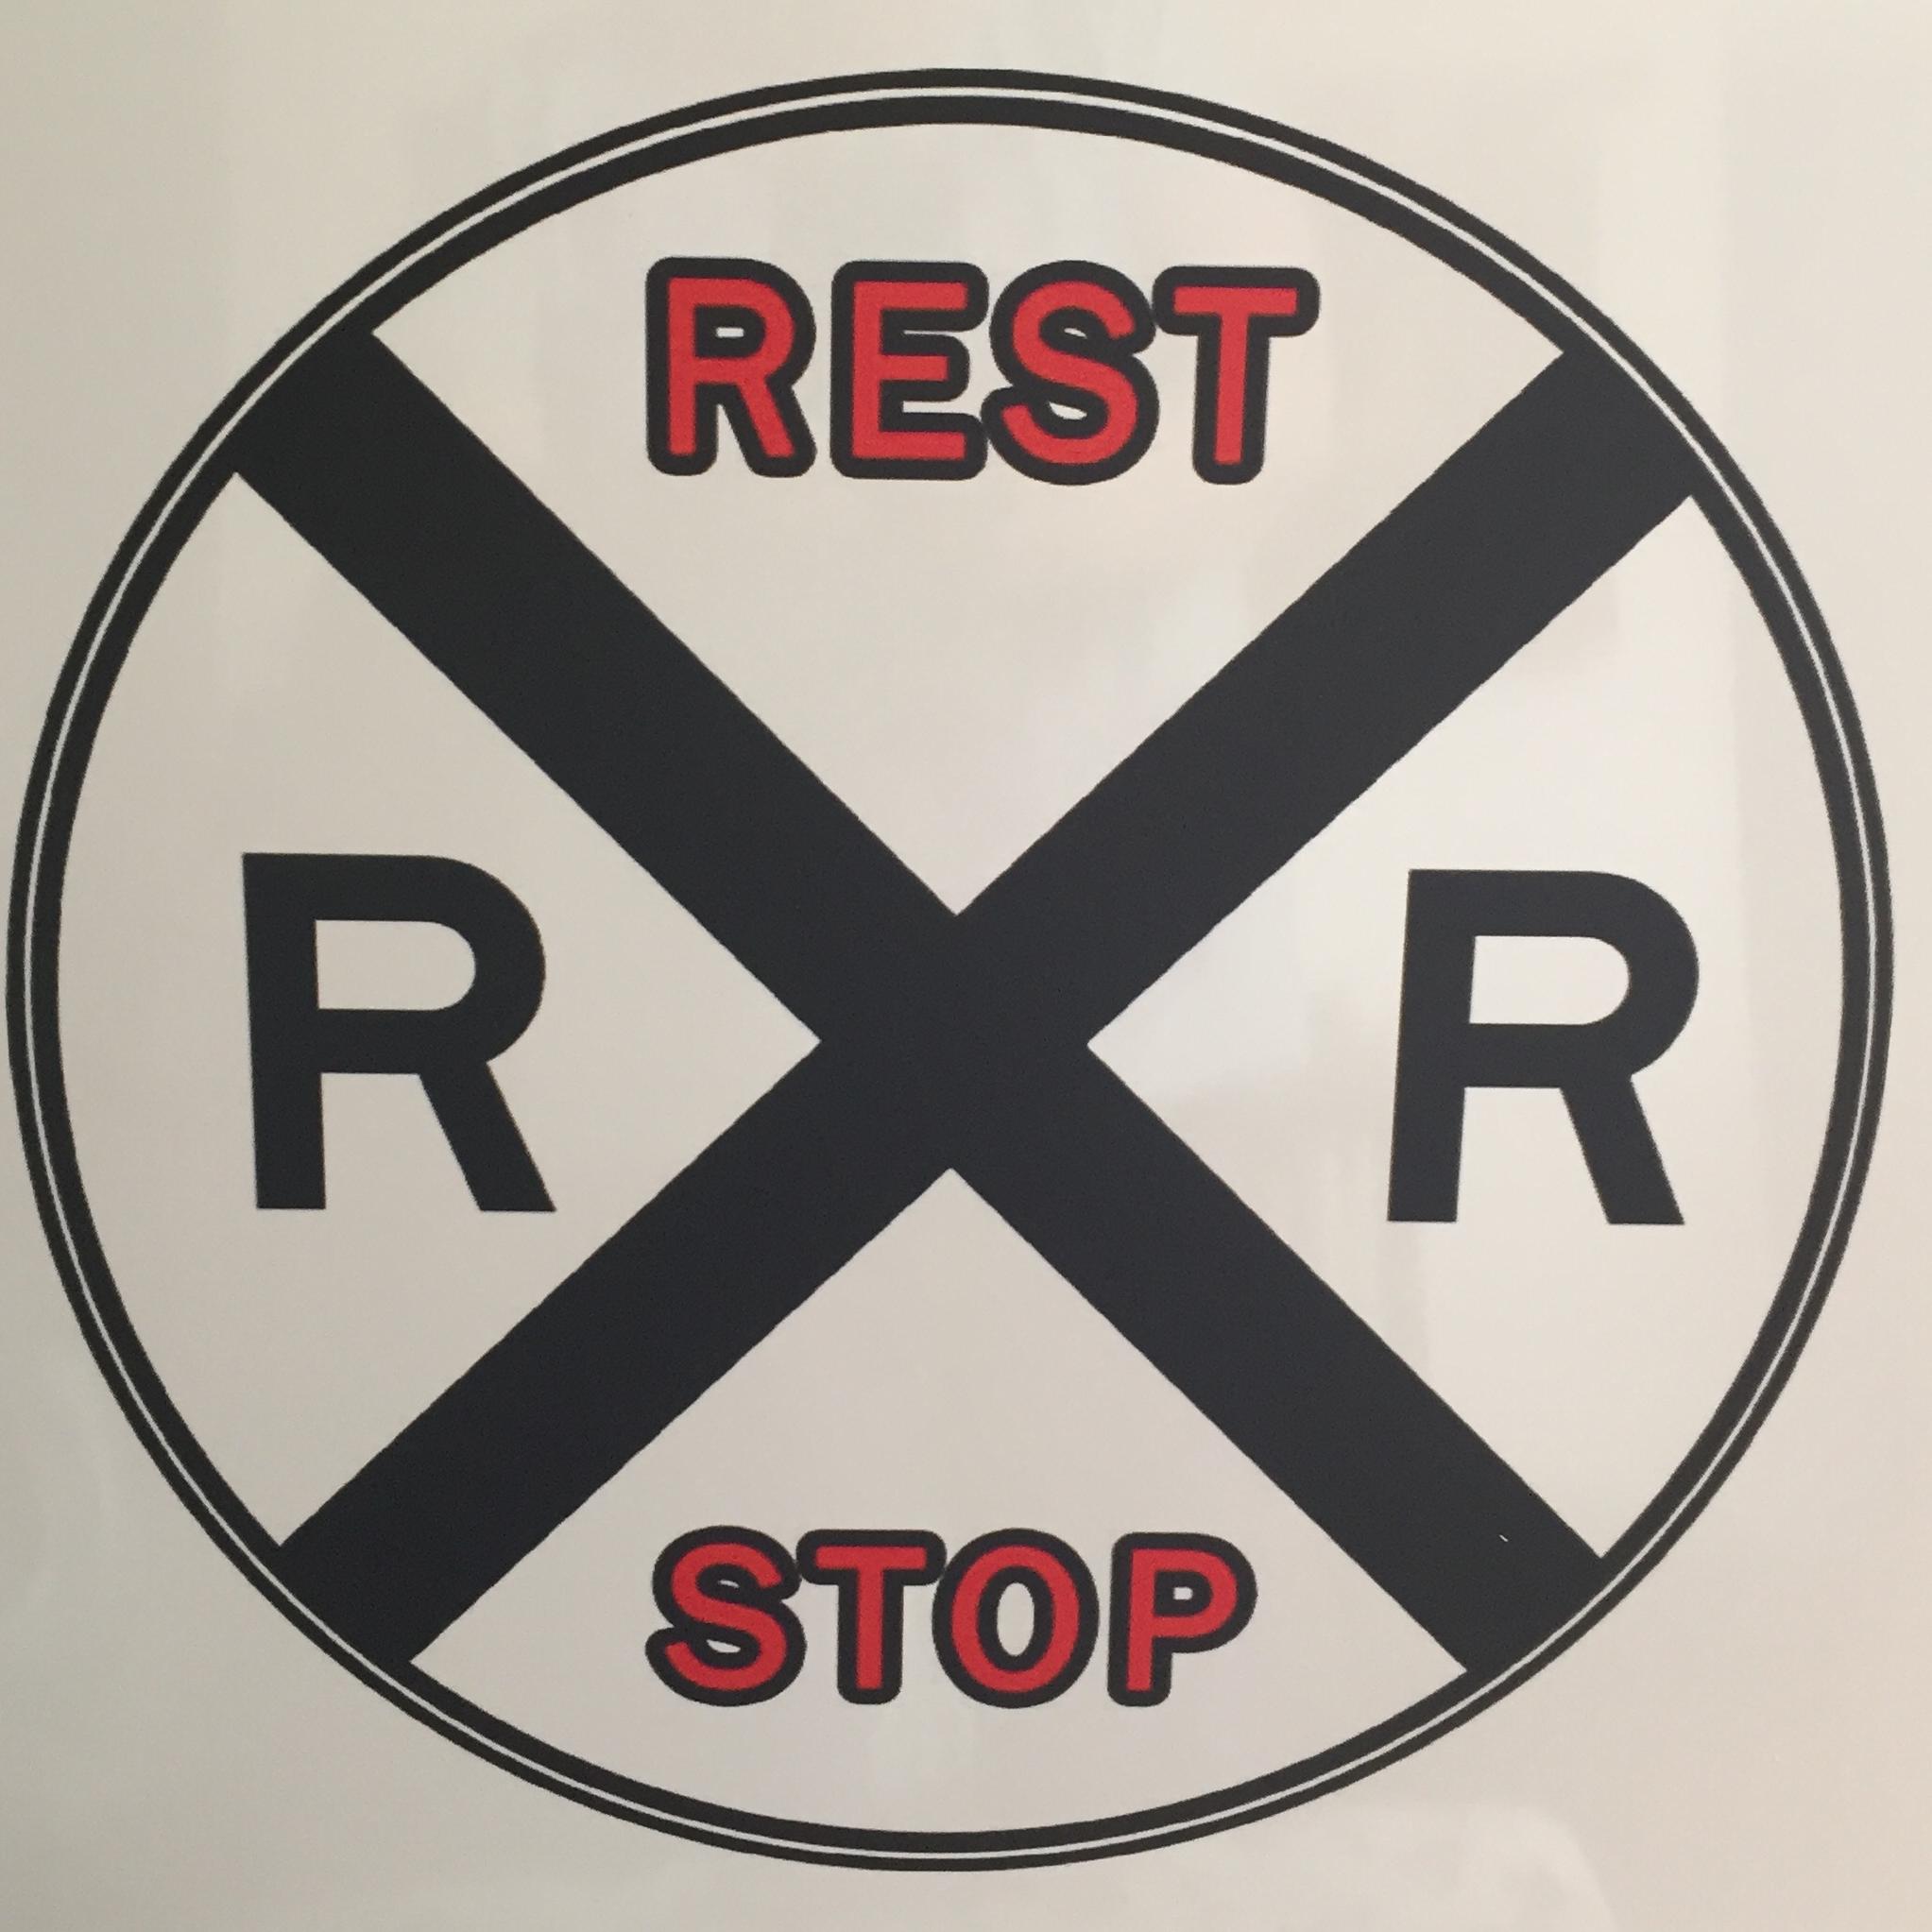 airbnb - R & R Reststop